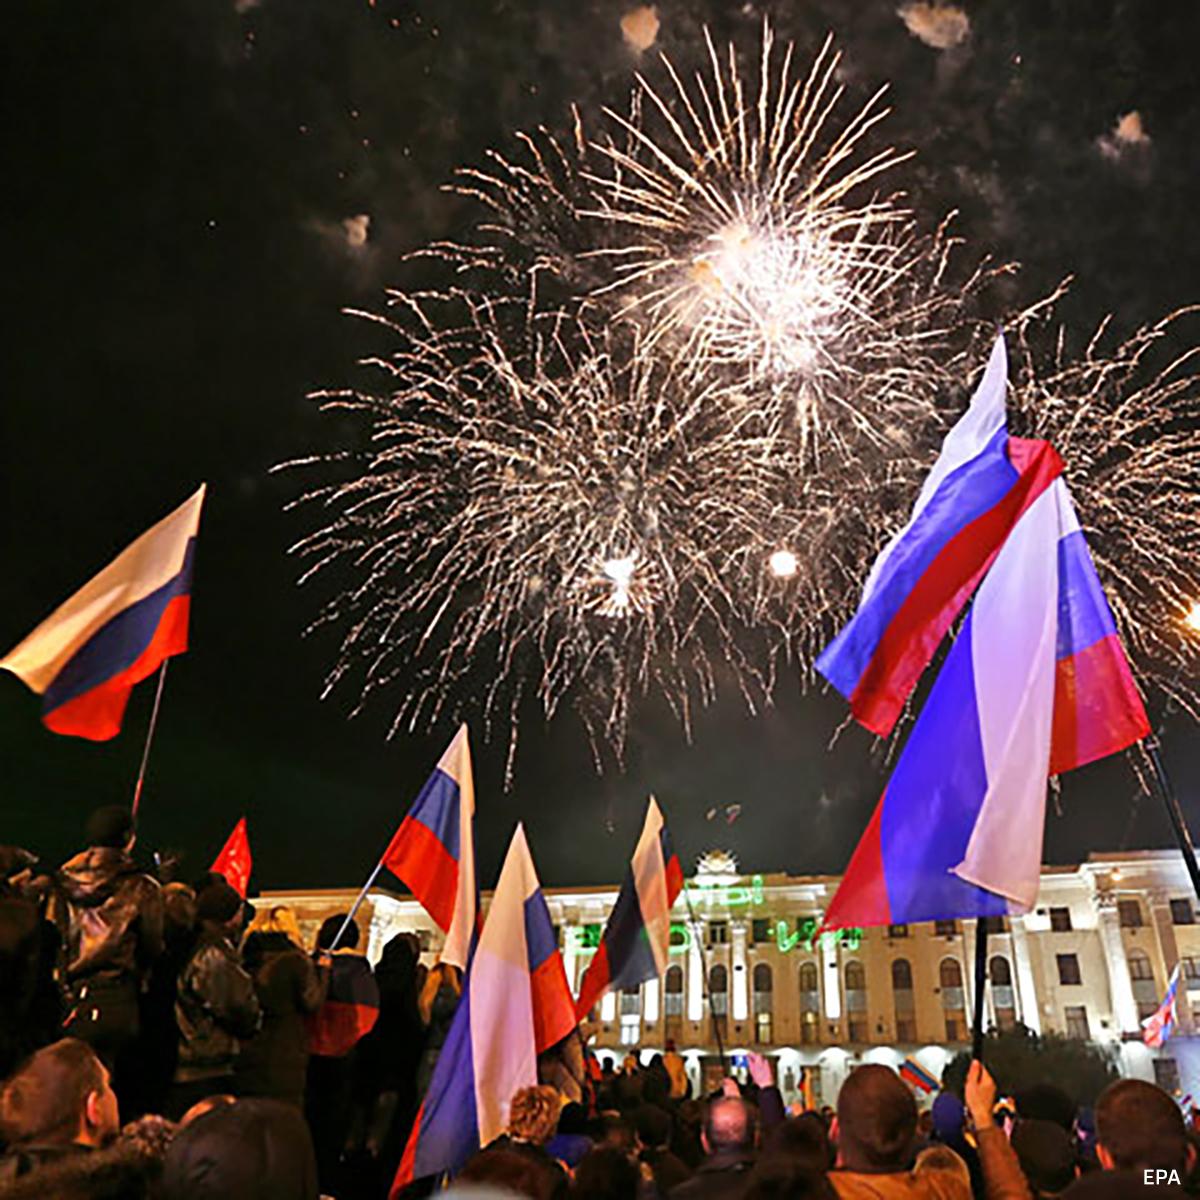 день присоединения крыма к россии нанесения